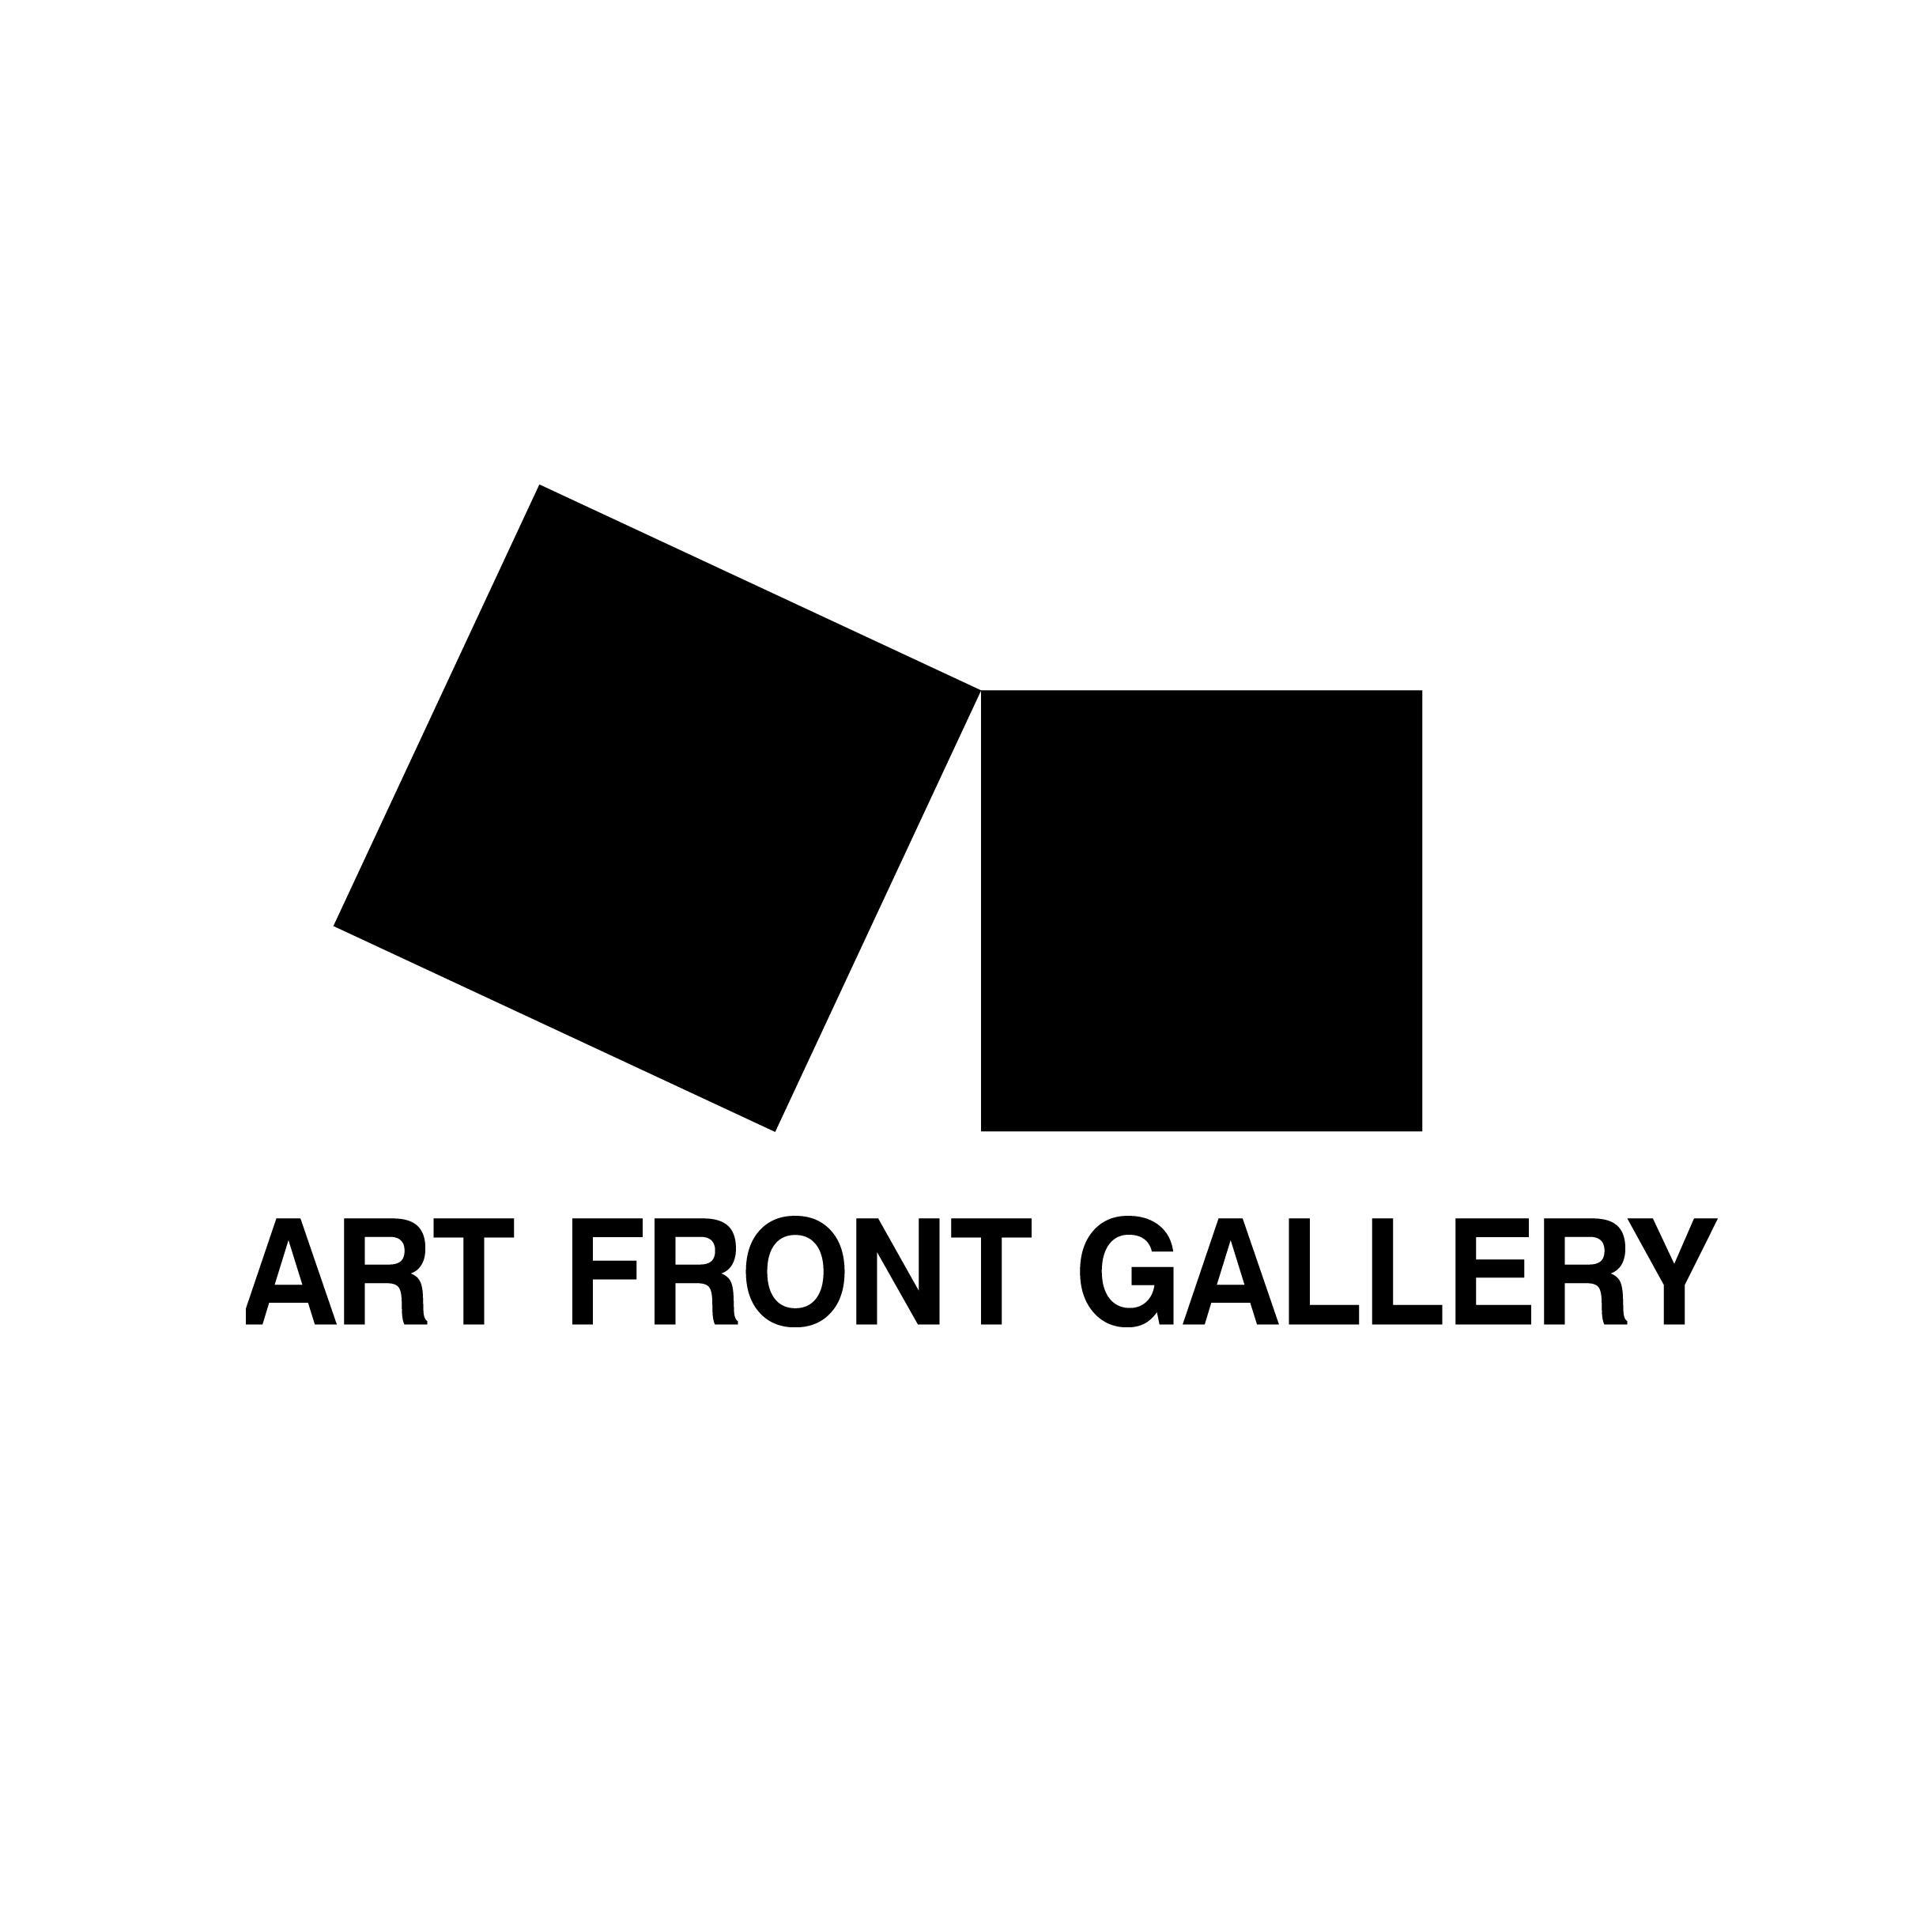 【10月9日】Art Front Selection 2020 autumn 展示替えにともなう一時休廊のお知らせ